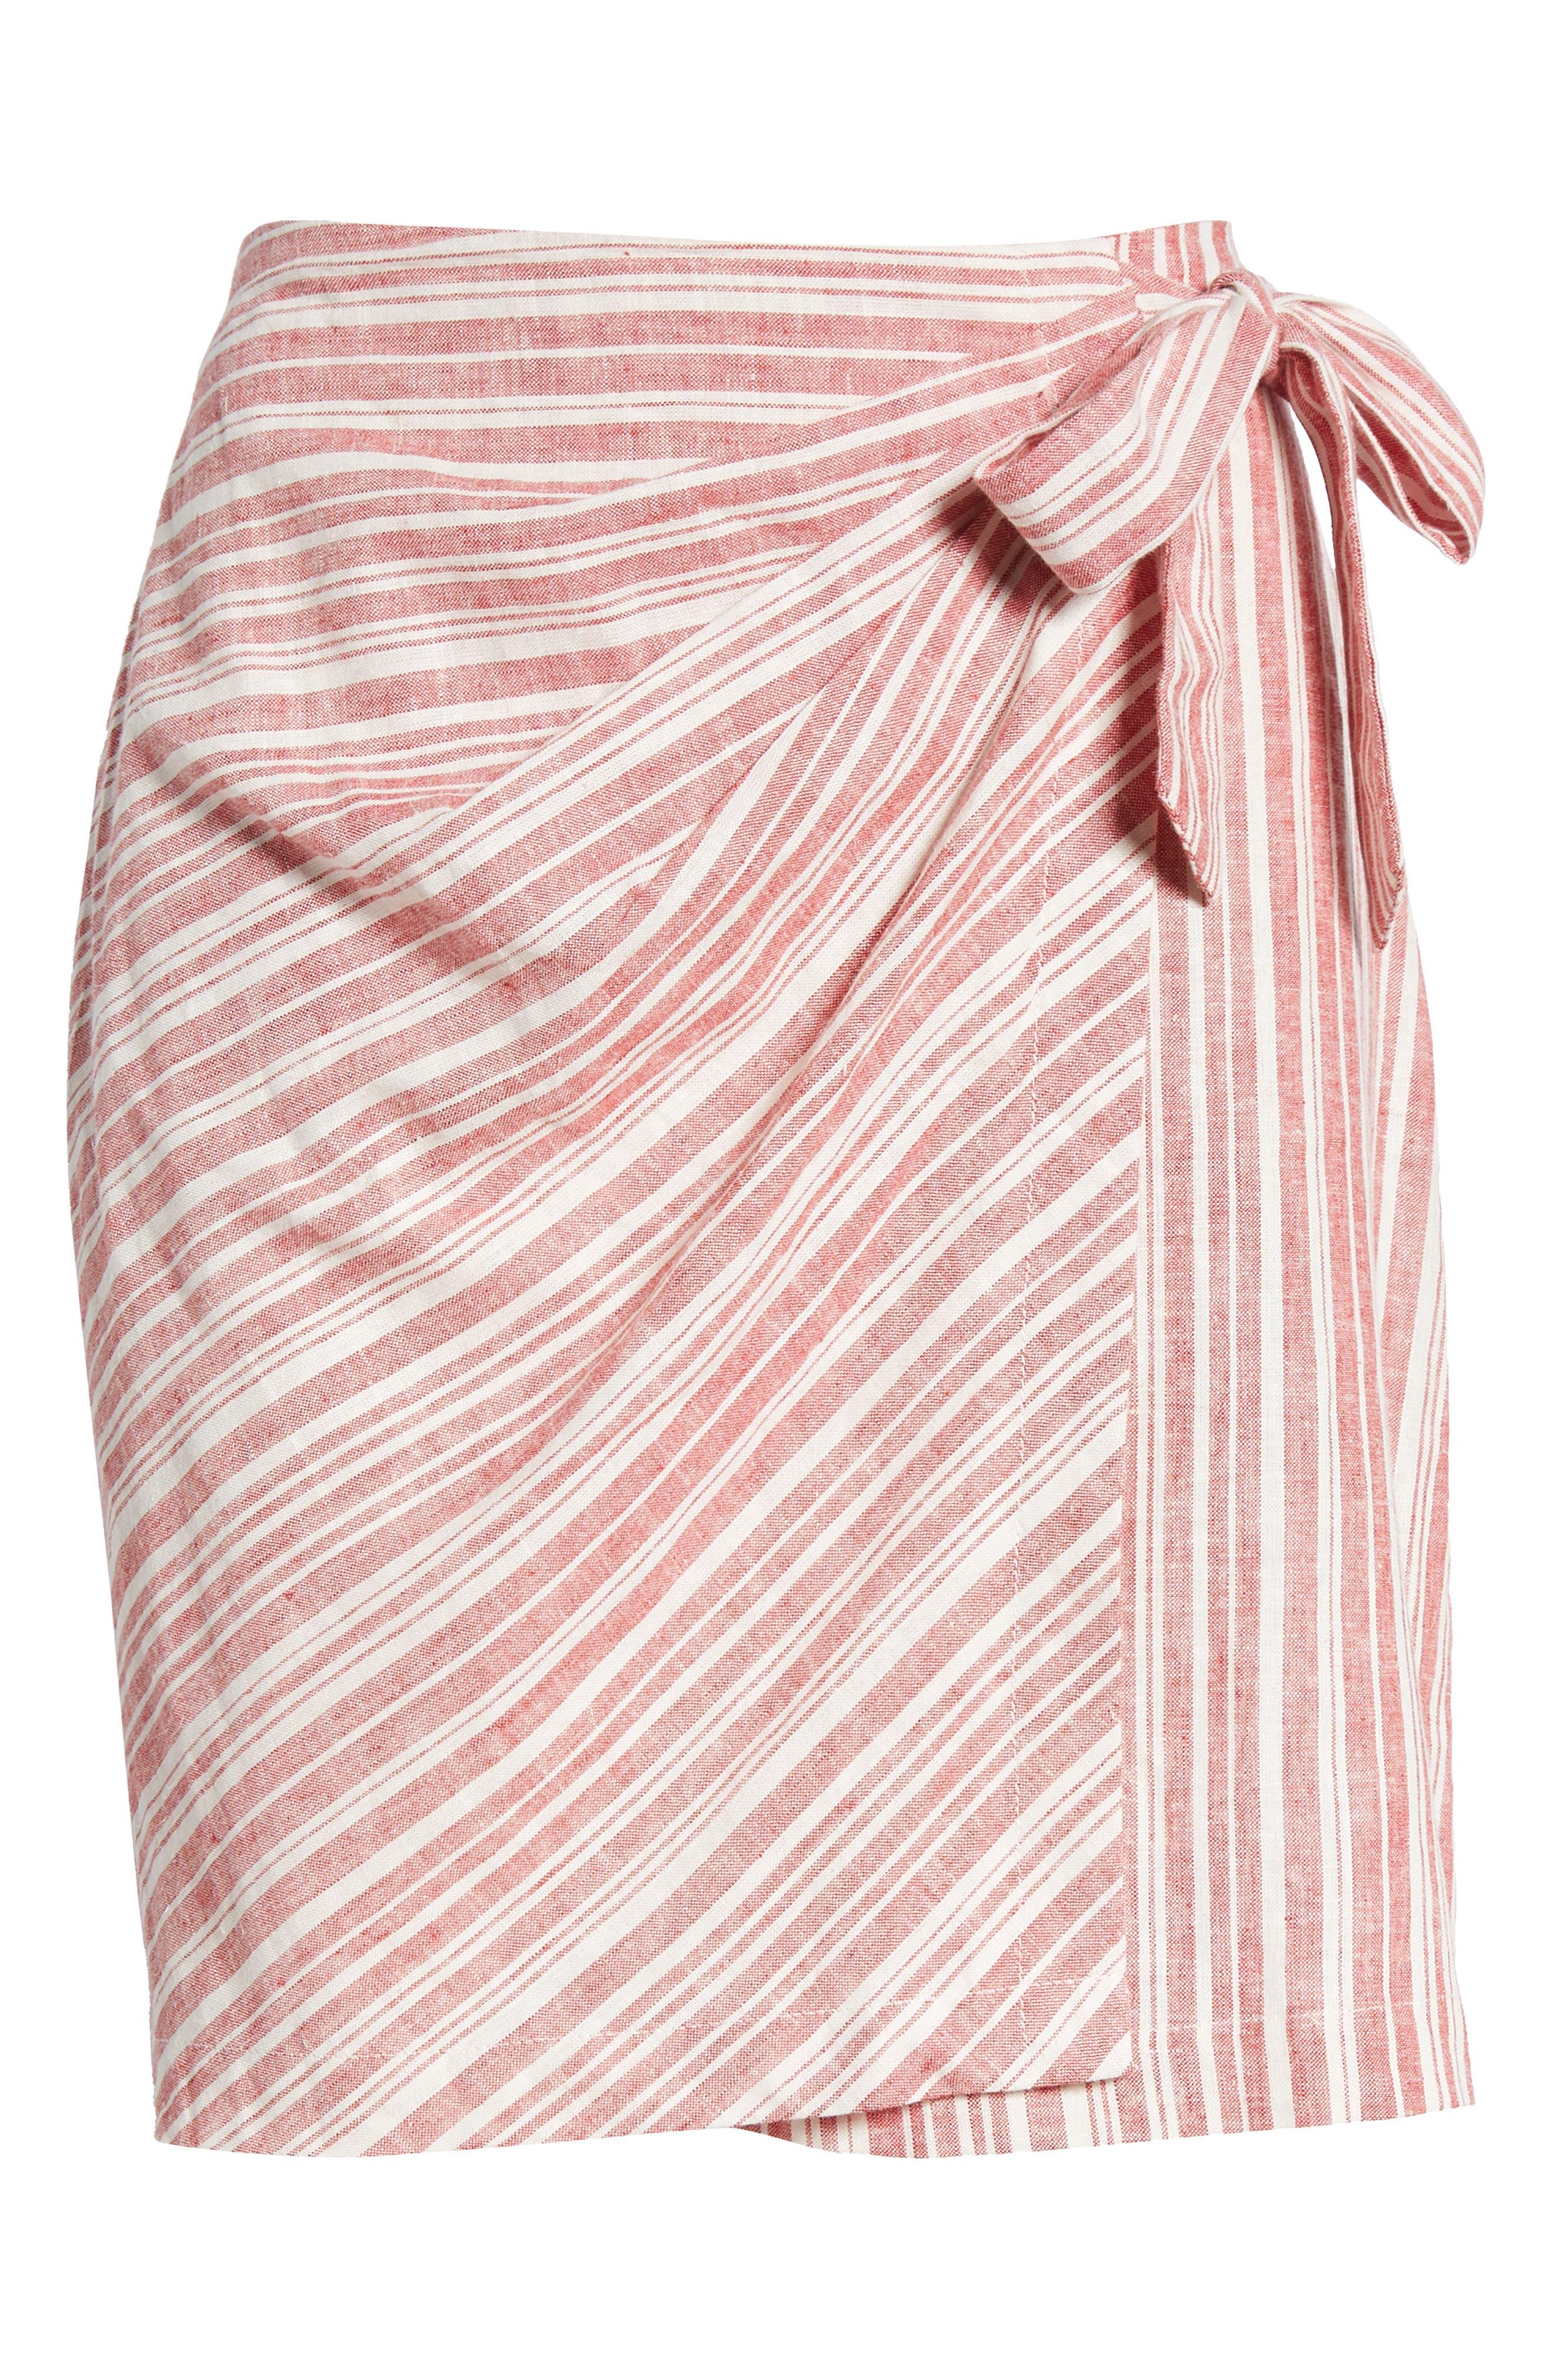 Stripe Linen Blend Wrap Skirt,                             Alternate thumbnail 6, color,                             610